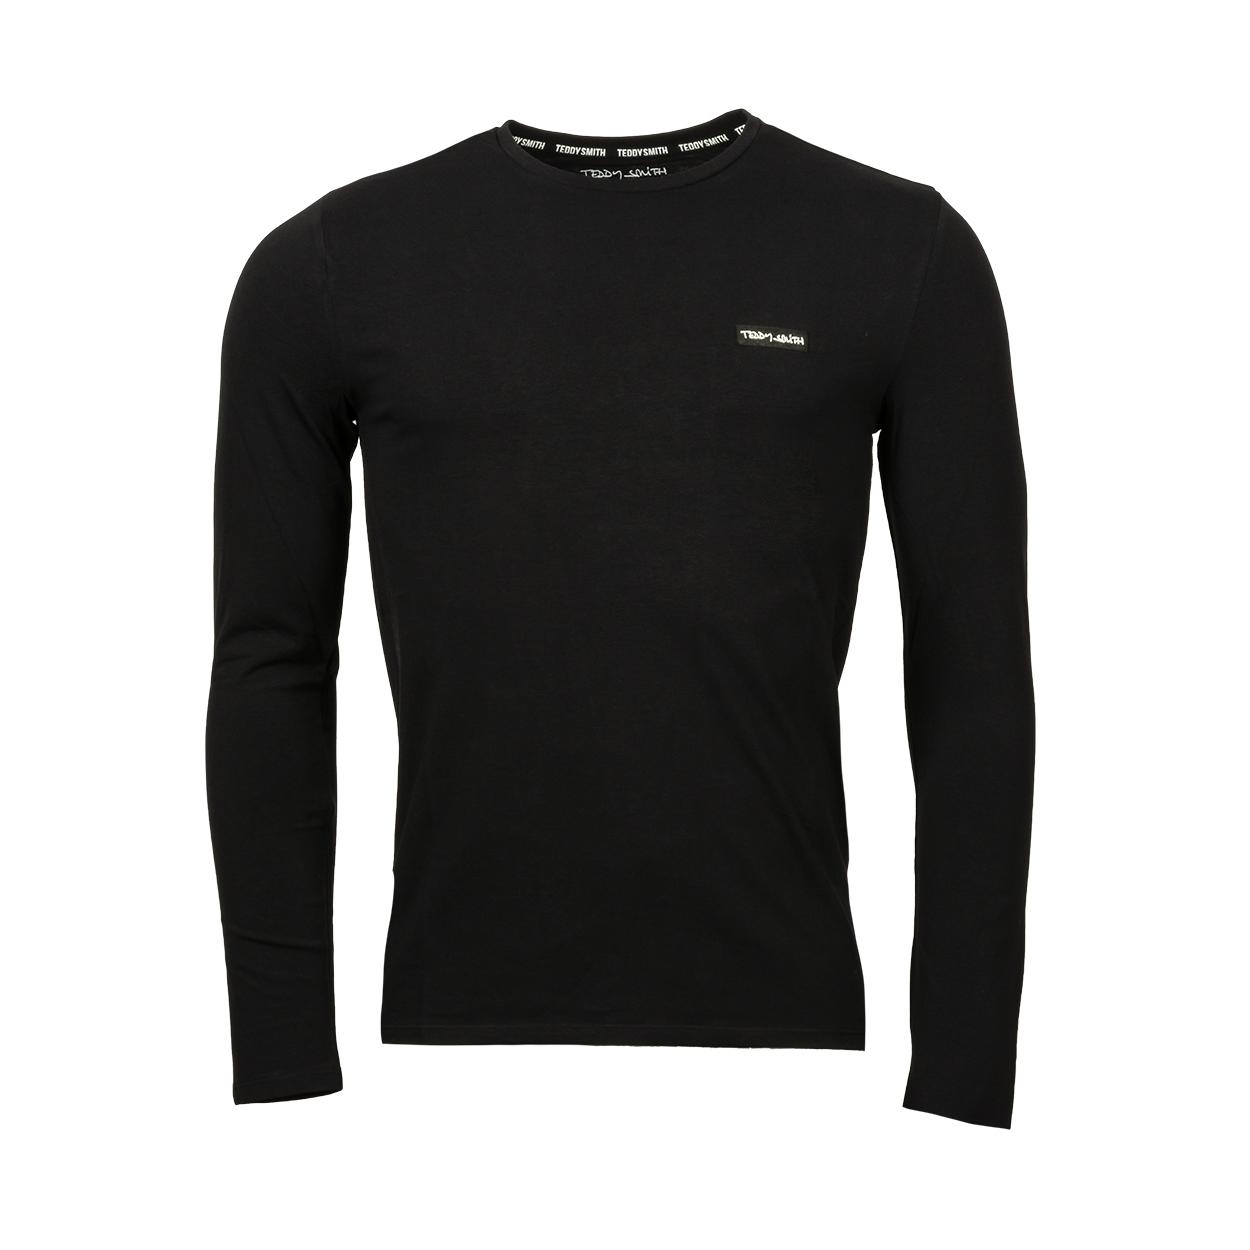 Tee-shirt manches longues Teddy Smith Narky en coton stretch noir